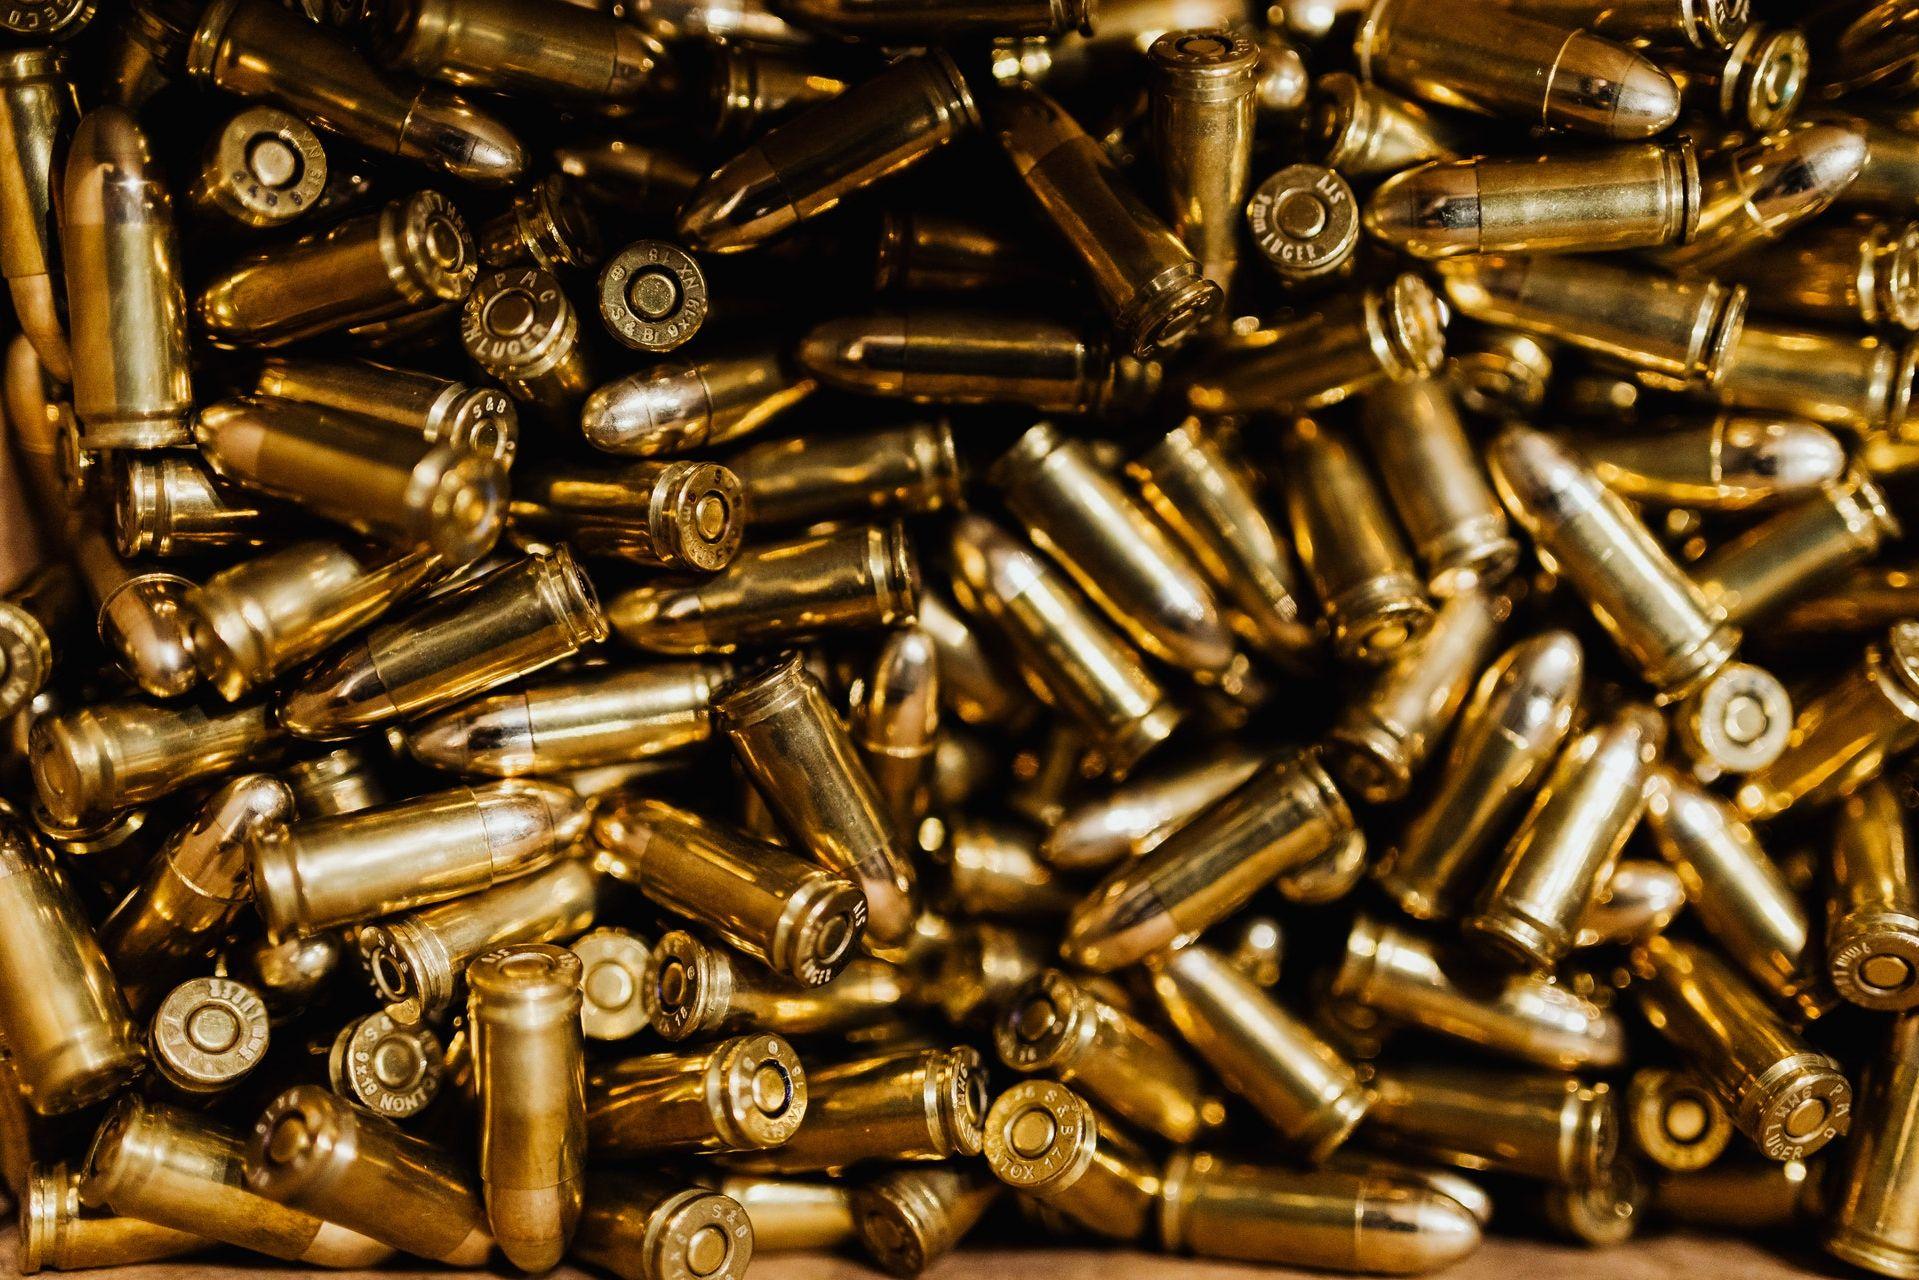 Odziedziczyła mieszkanie z ... amunicją! - Zdjęcie główne